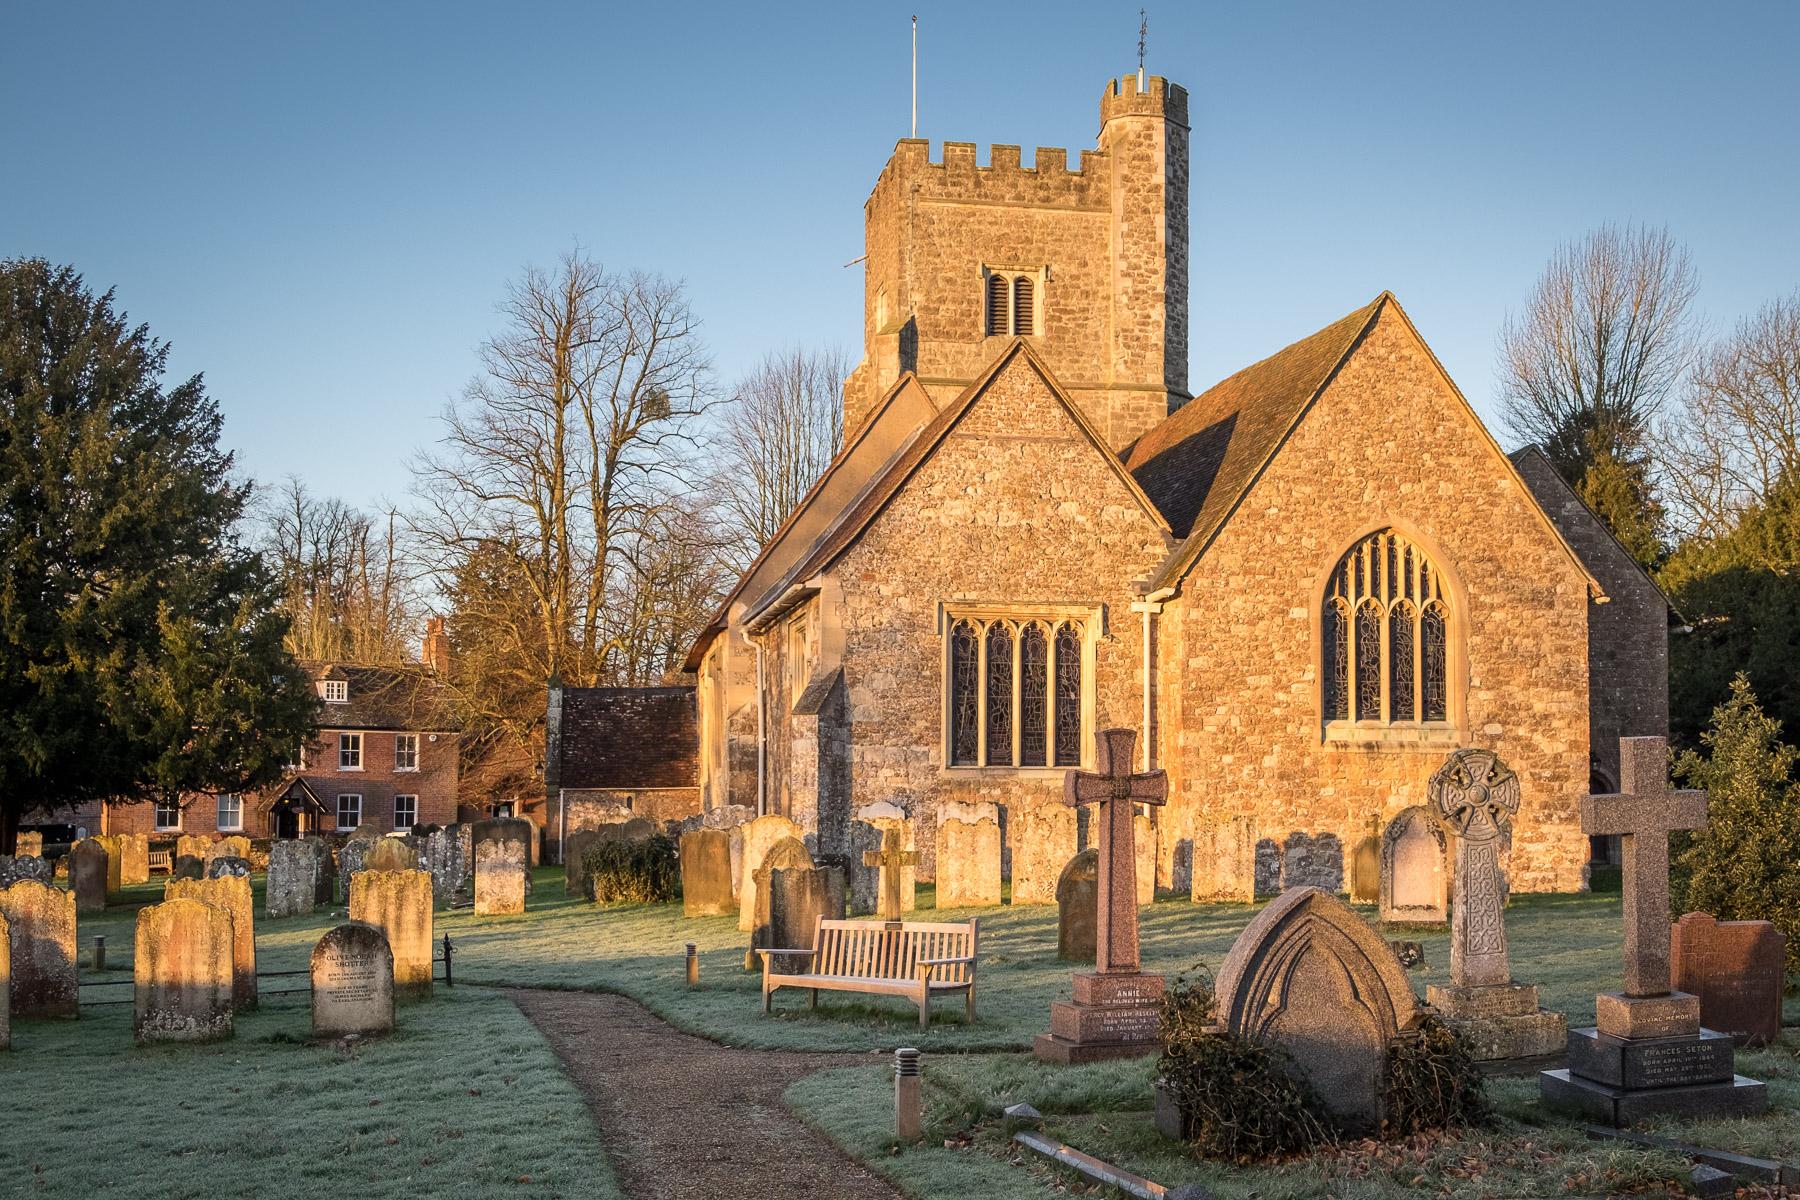 St Botoph's Church #chevening #sevenoaks